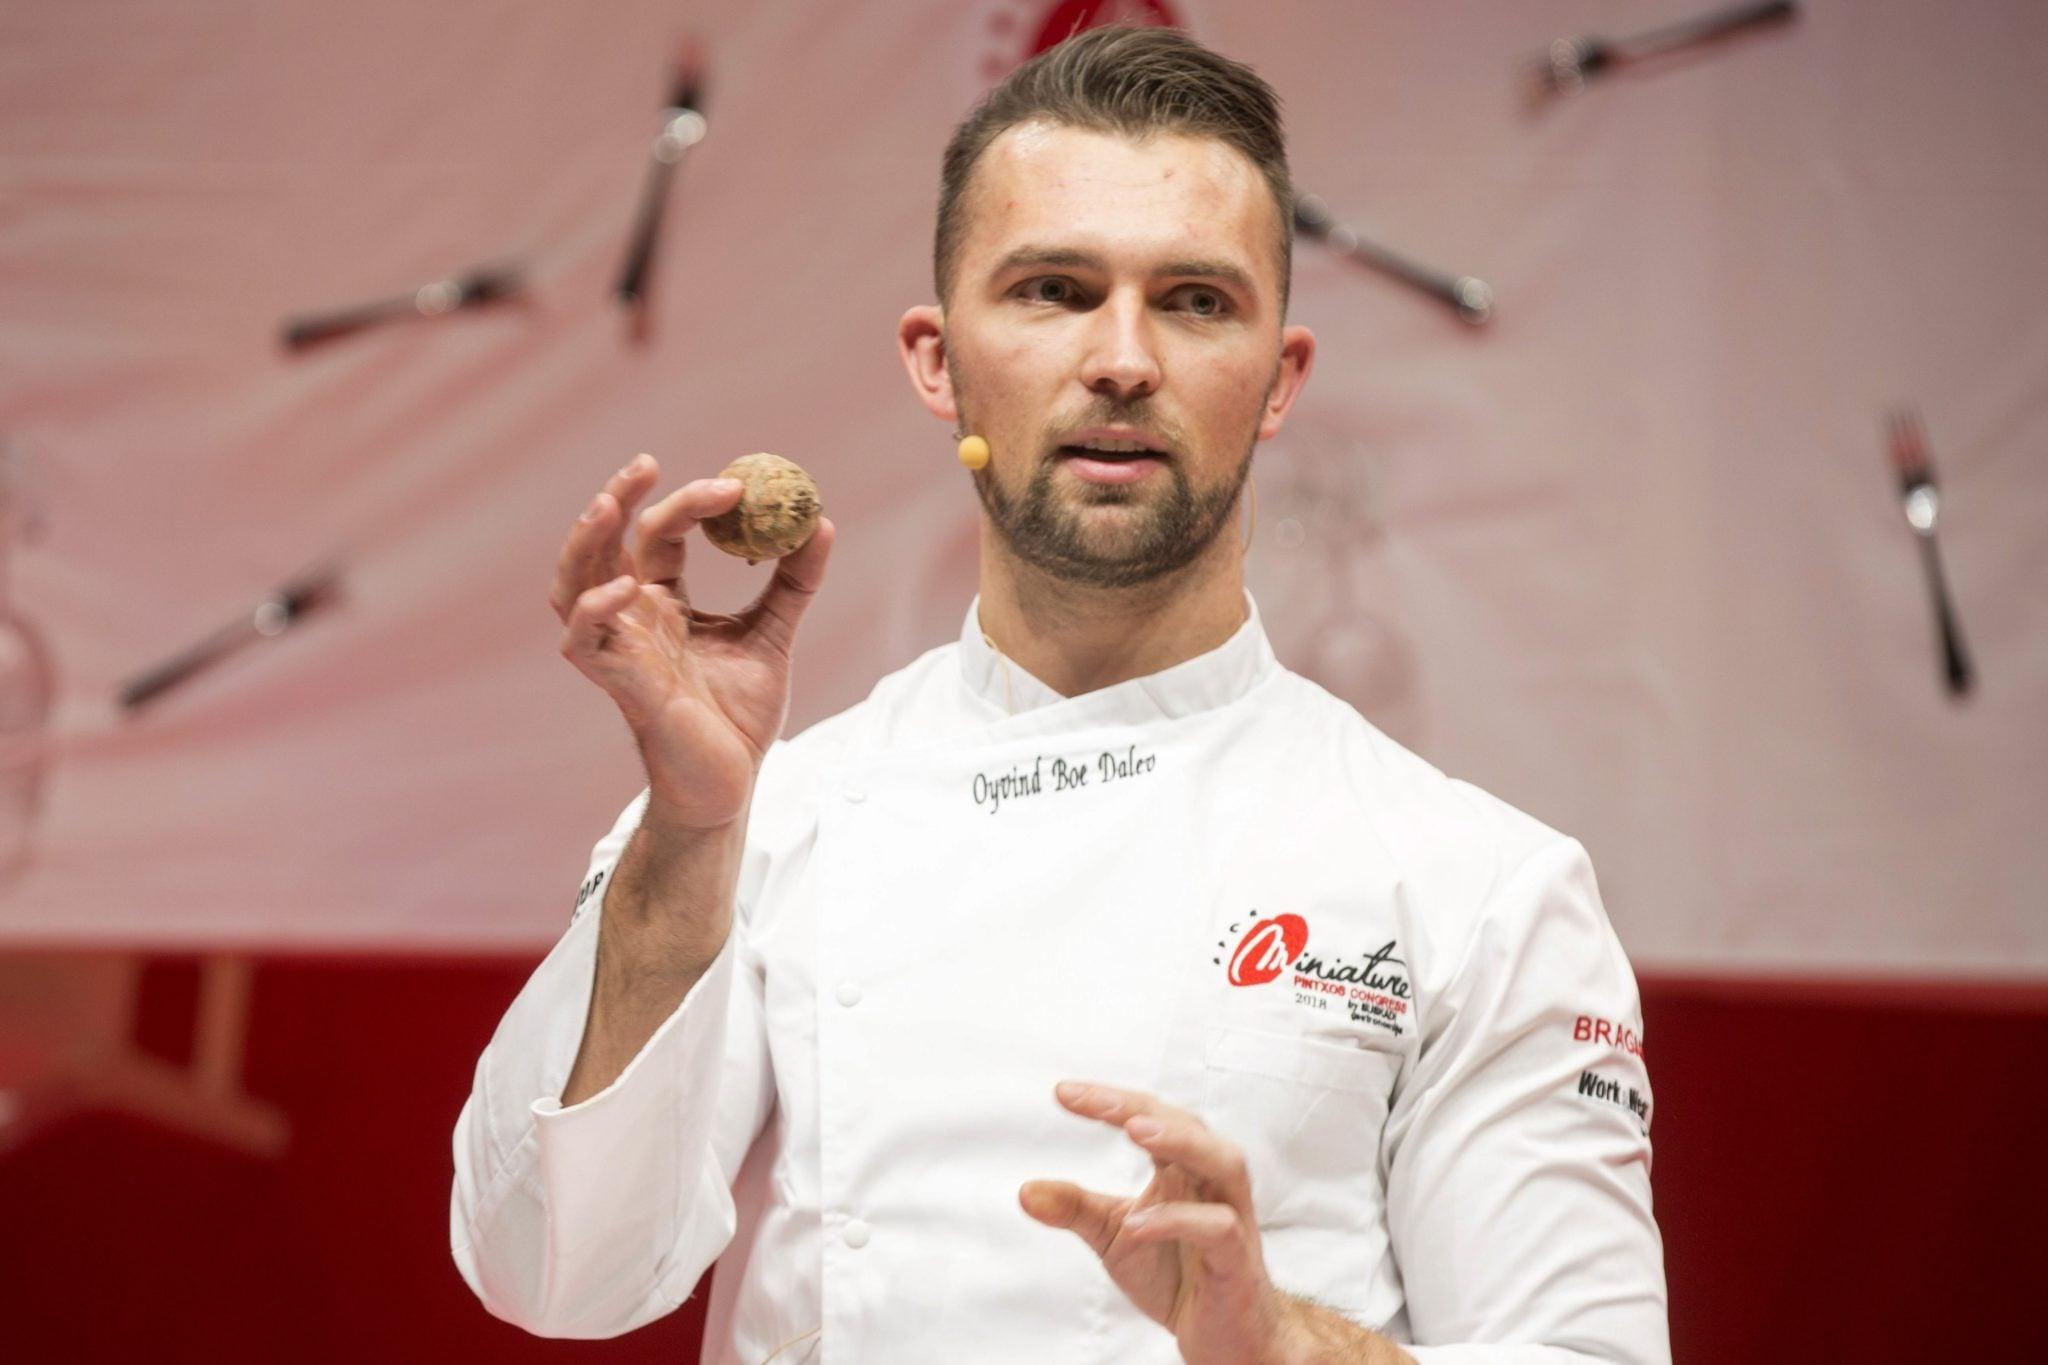 Hiszpania: norweski szef kuchni Oyvind Boe Dalev z restauracji Statholdergaarden, mistrz świata tapas, prezentuje swoje kulinarne dzieła sztuki podczas międzynarodowego kongresu tapas